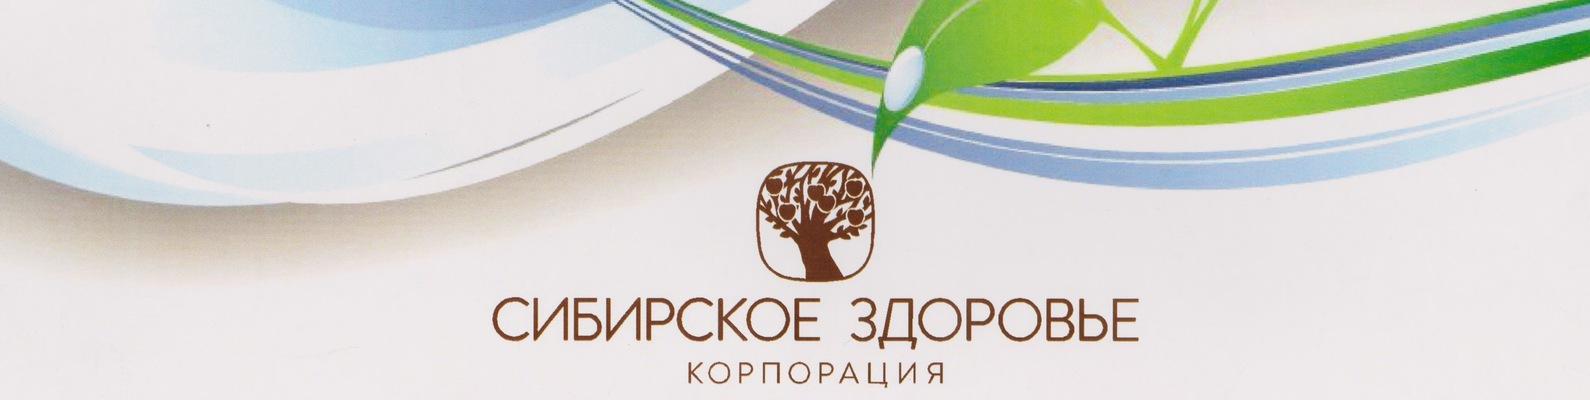 магазин сибирского здоровья картинки интернет